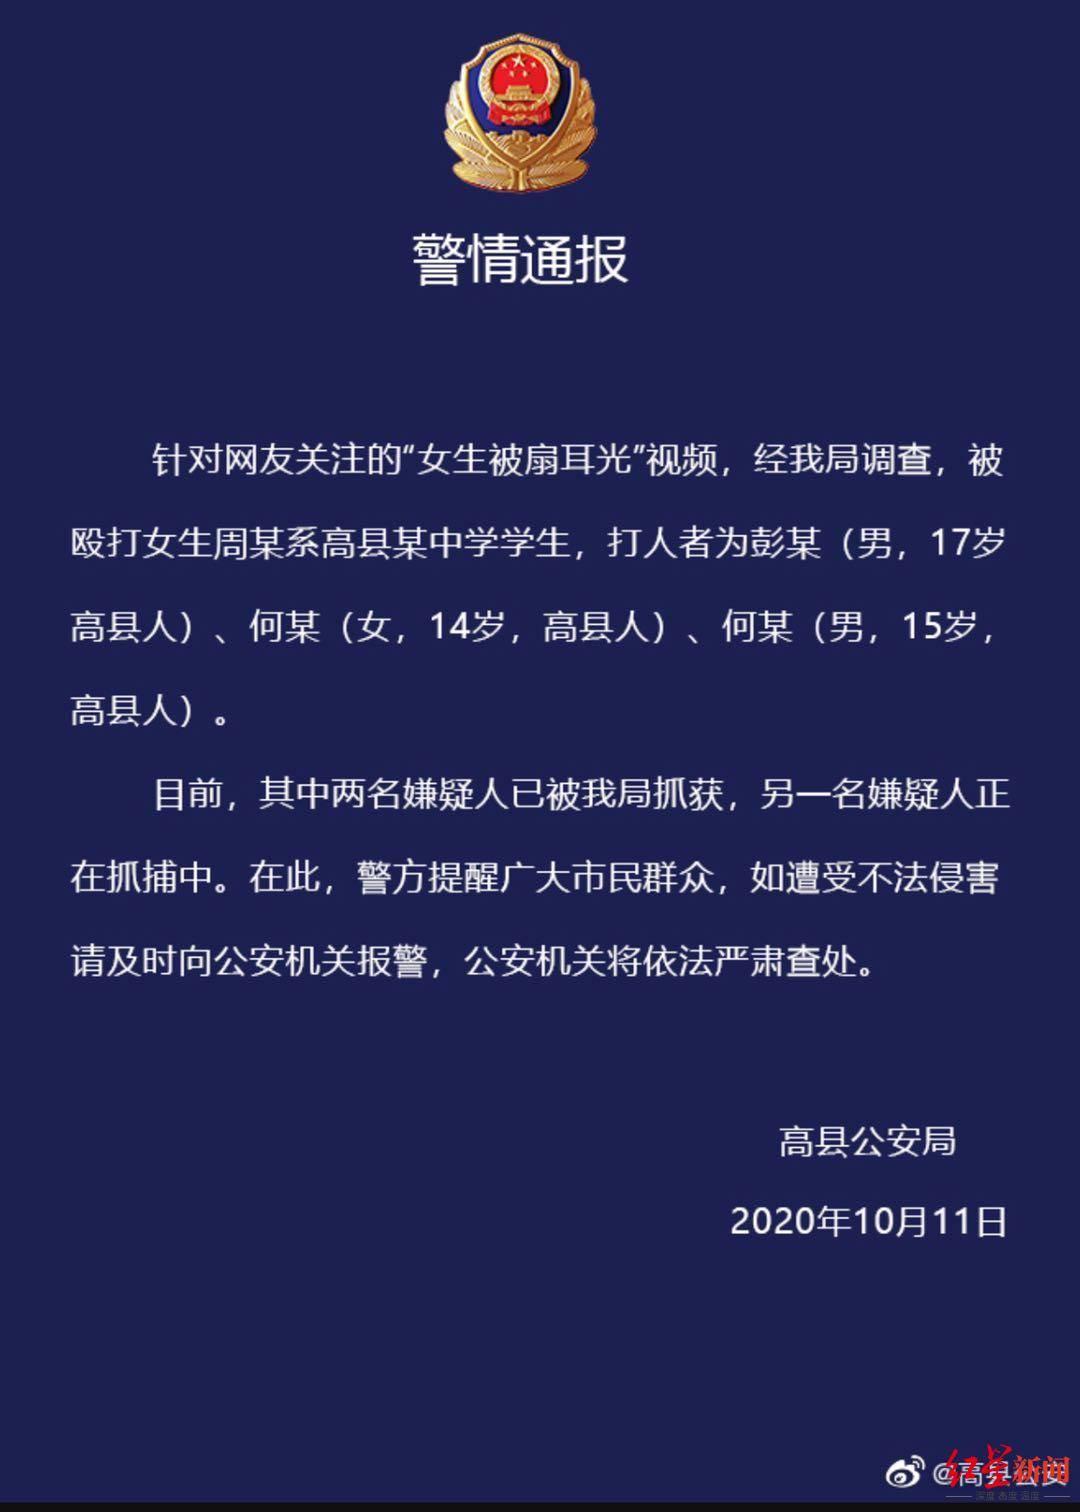 网曝四川高县女生遭人轮番殴打 警方:已抓获两名嫌疑人